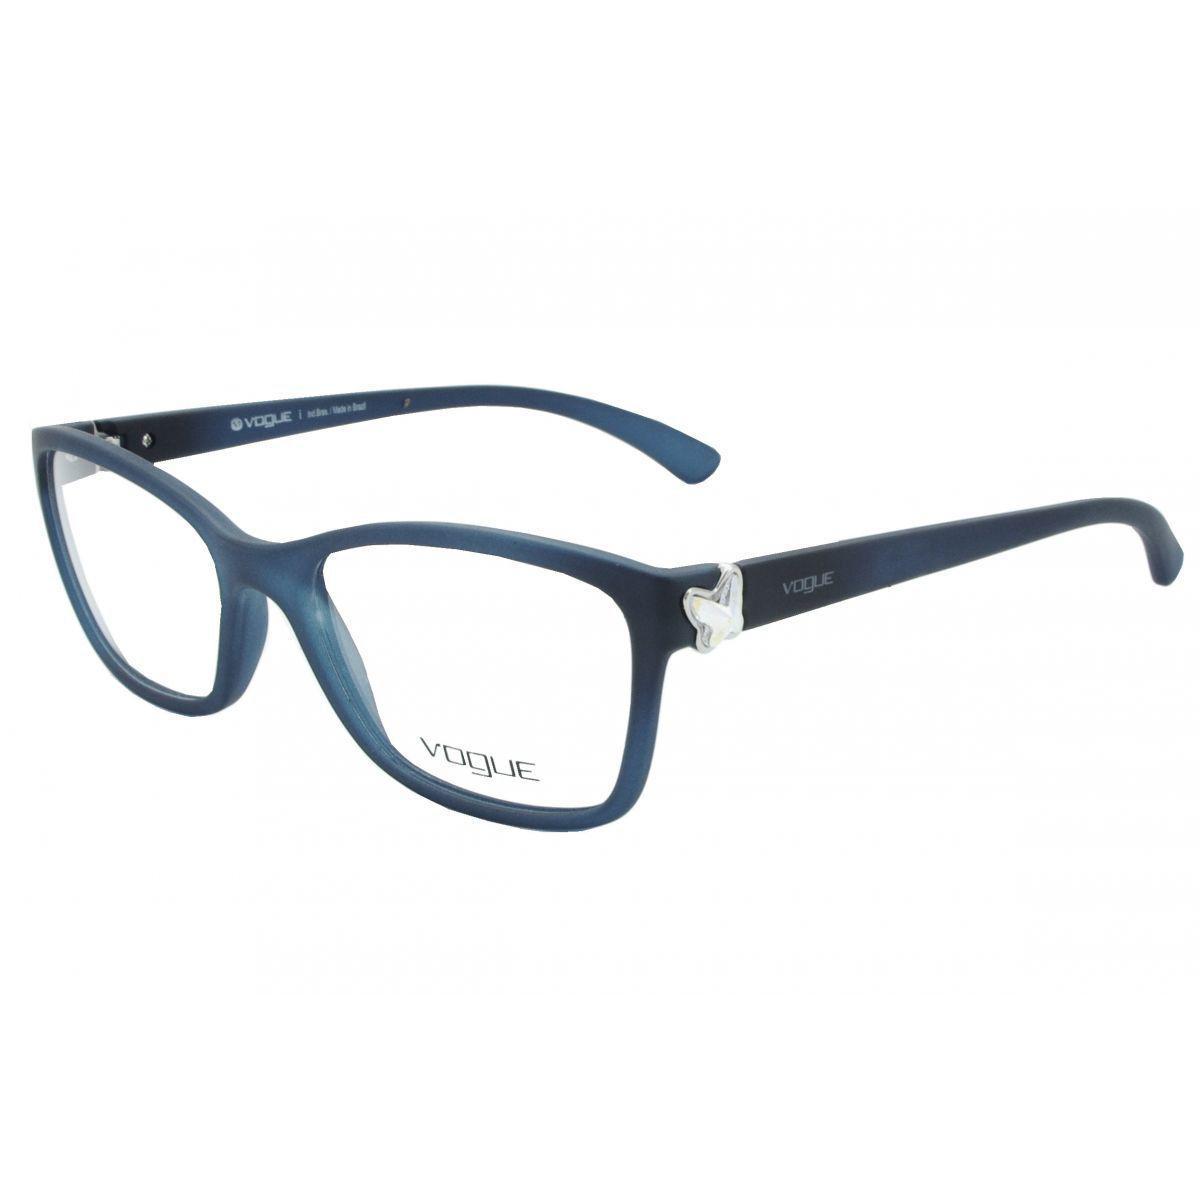 Óculos De Grau Feminino Vogue VO2895BL 2209 Tam.53 - Vogue original R   319,00 à vista. Adicionar à sacola 42c589ce3f